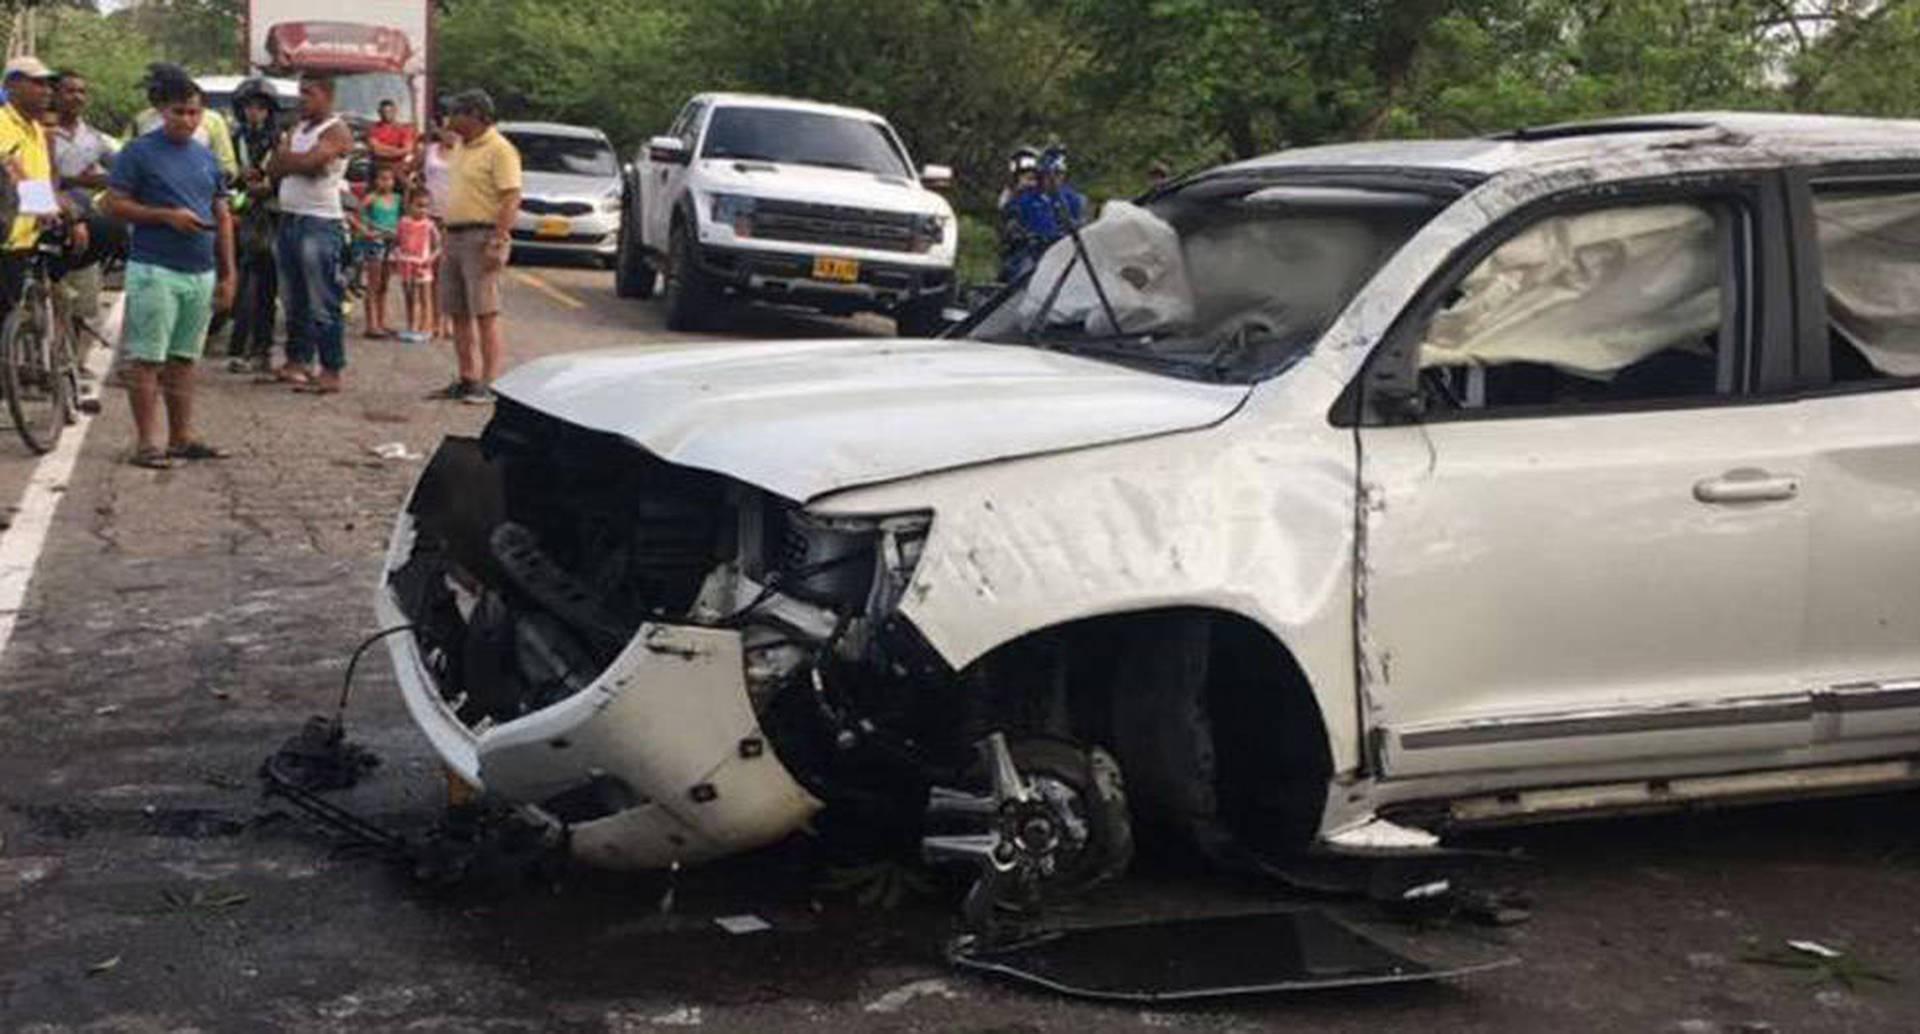 Imagen del estado en quedó la camioneta de Martín Elías y circuló redes sociales después del accidente.